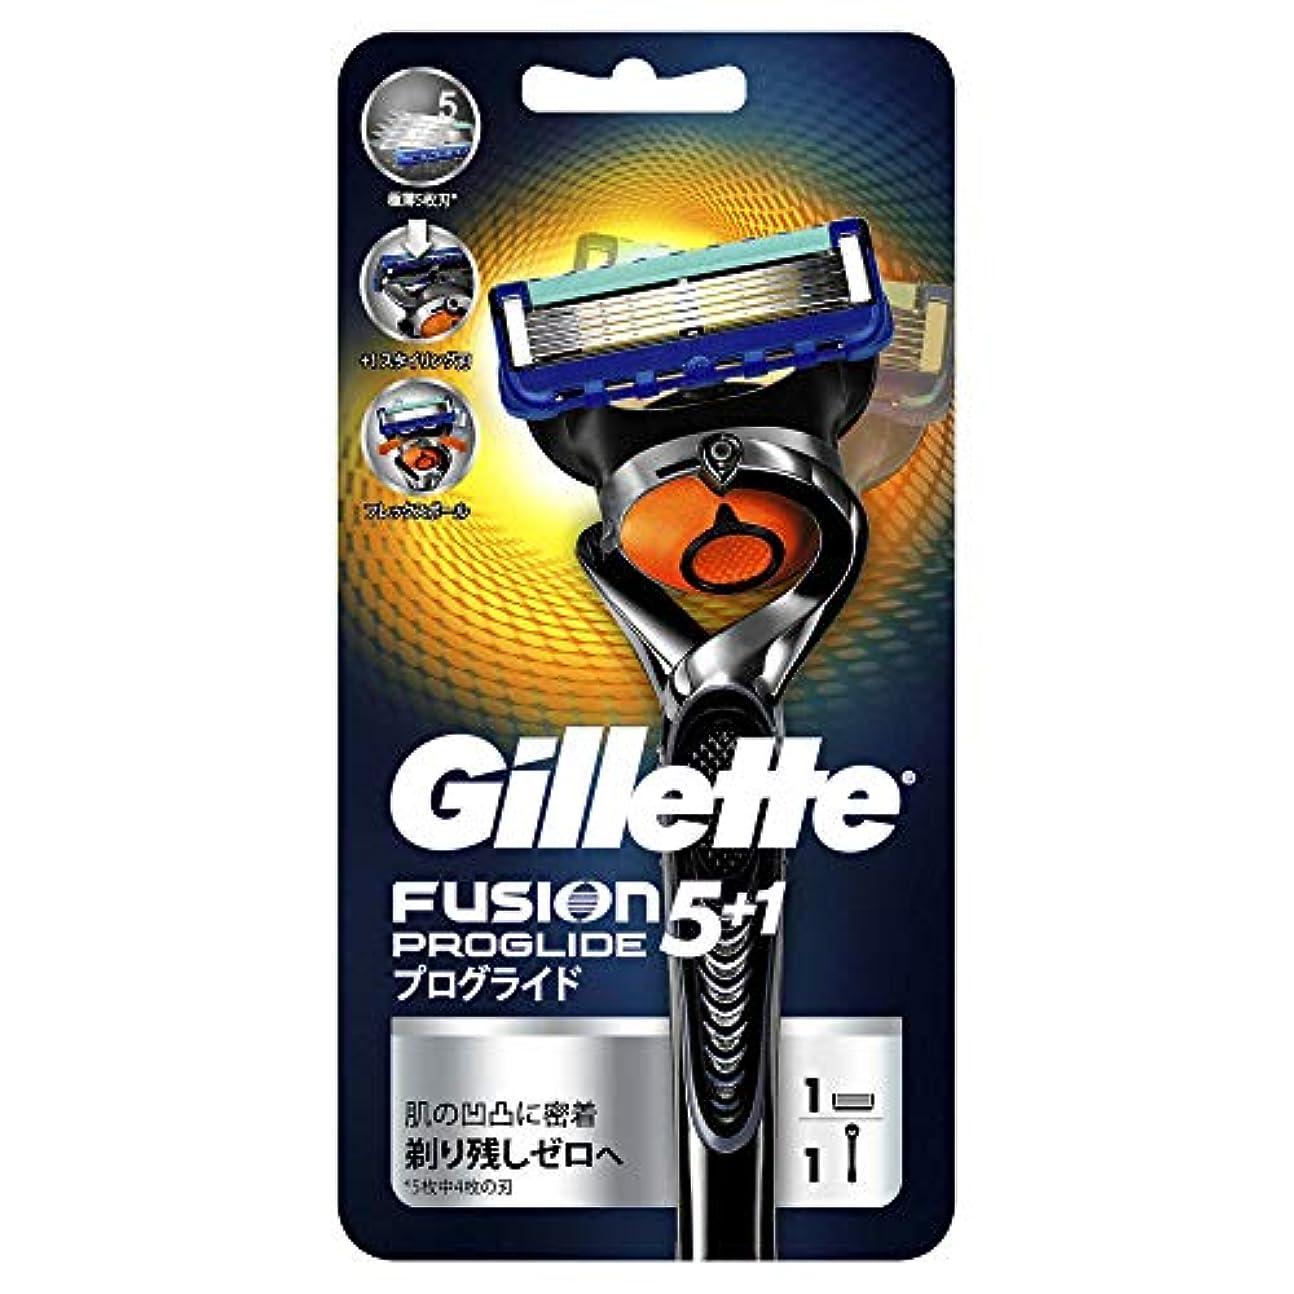 トリップ部屋を掃除する米ドルジレット プログライド フレックスボール マニュアル 髭剃り 本体 お試しパック